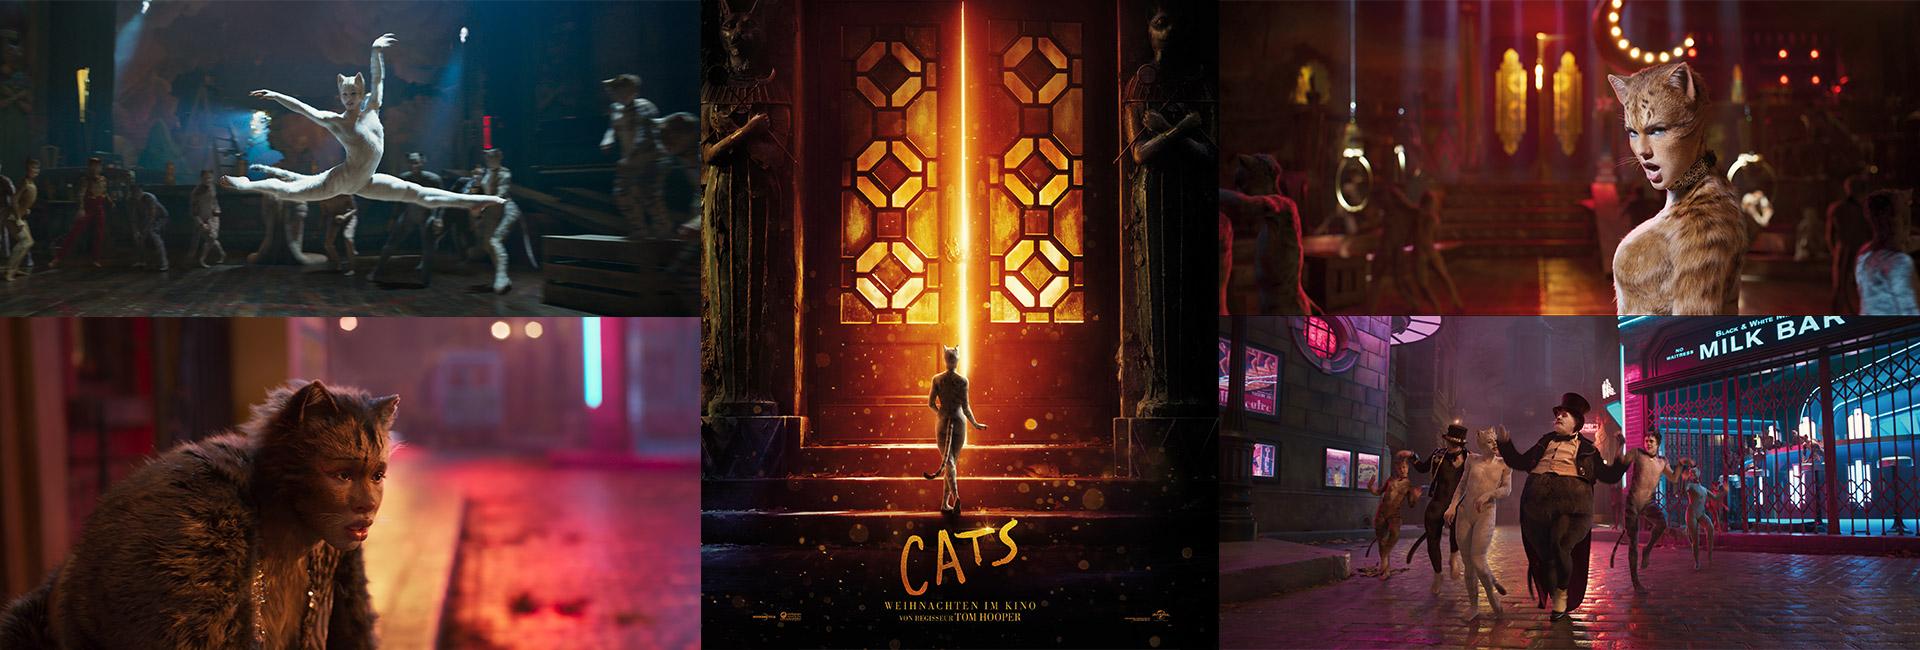 CATS - der Film